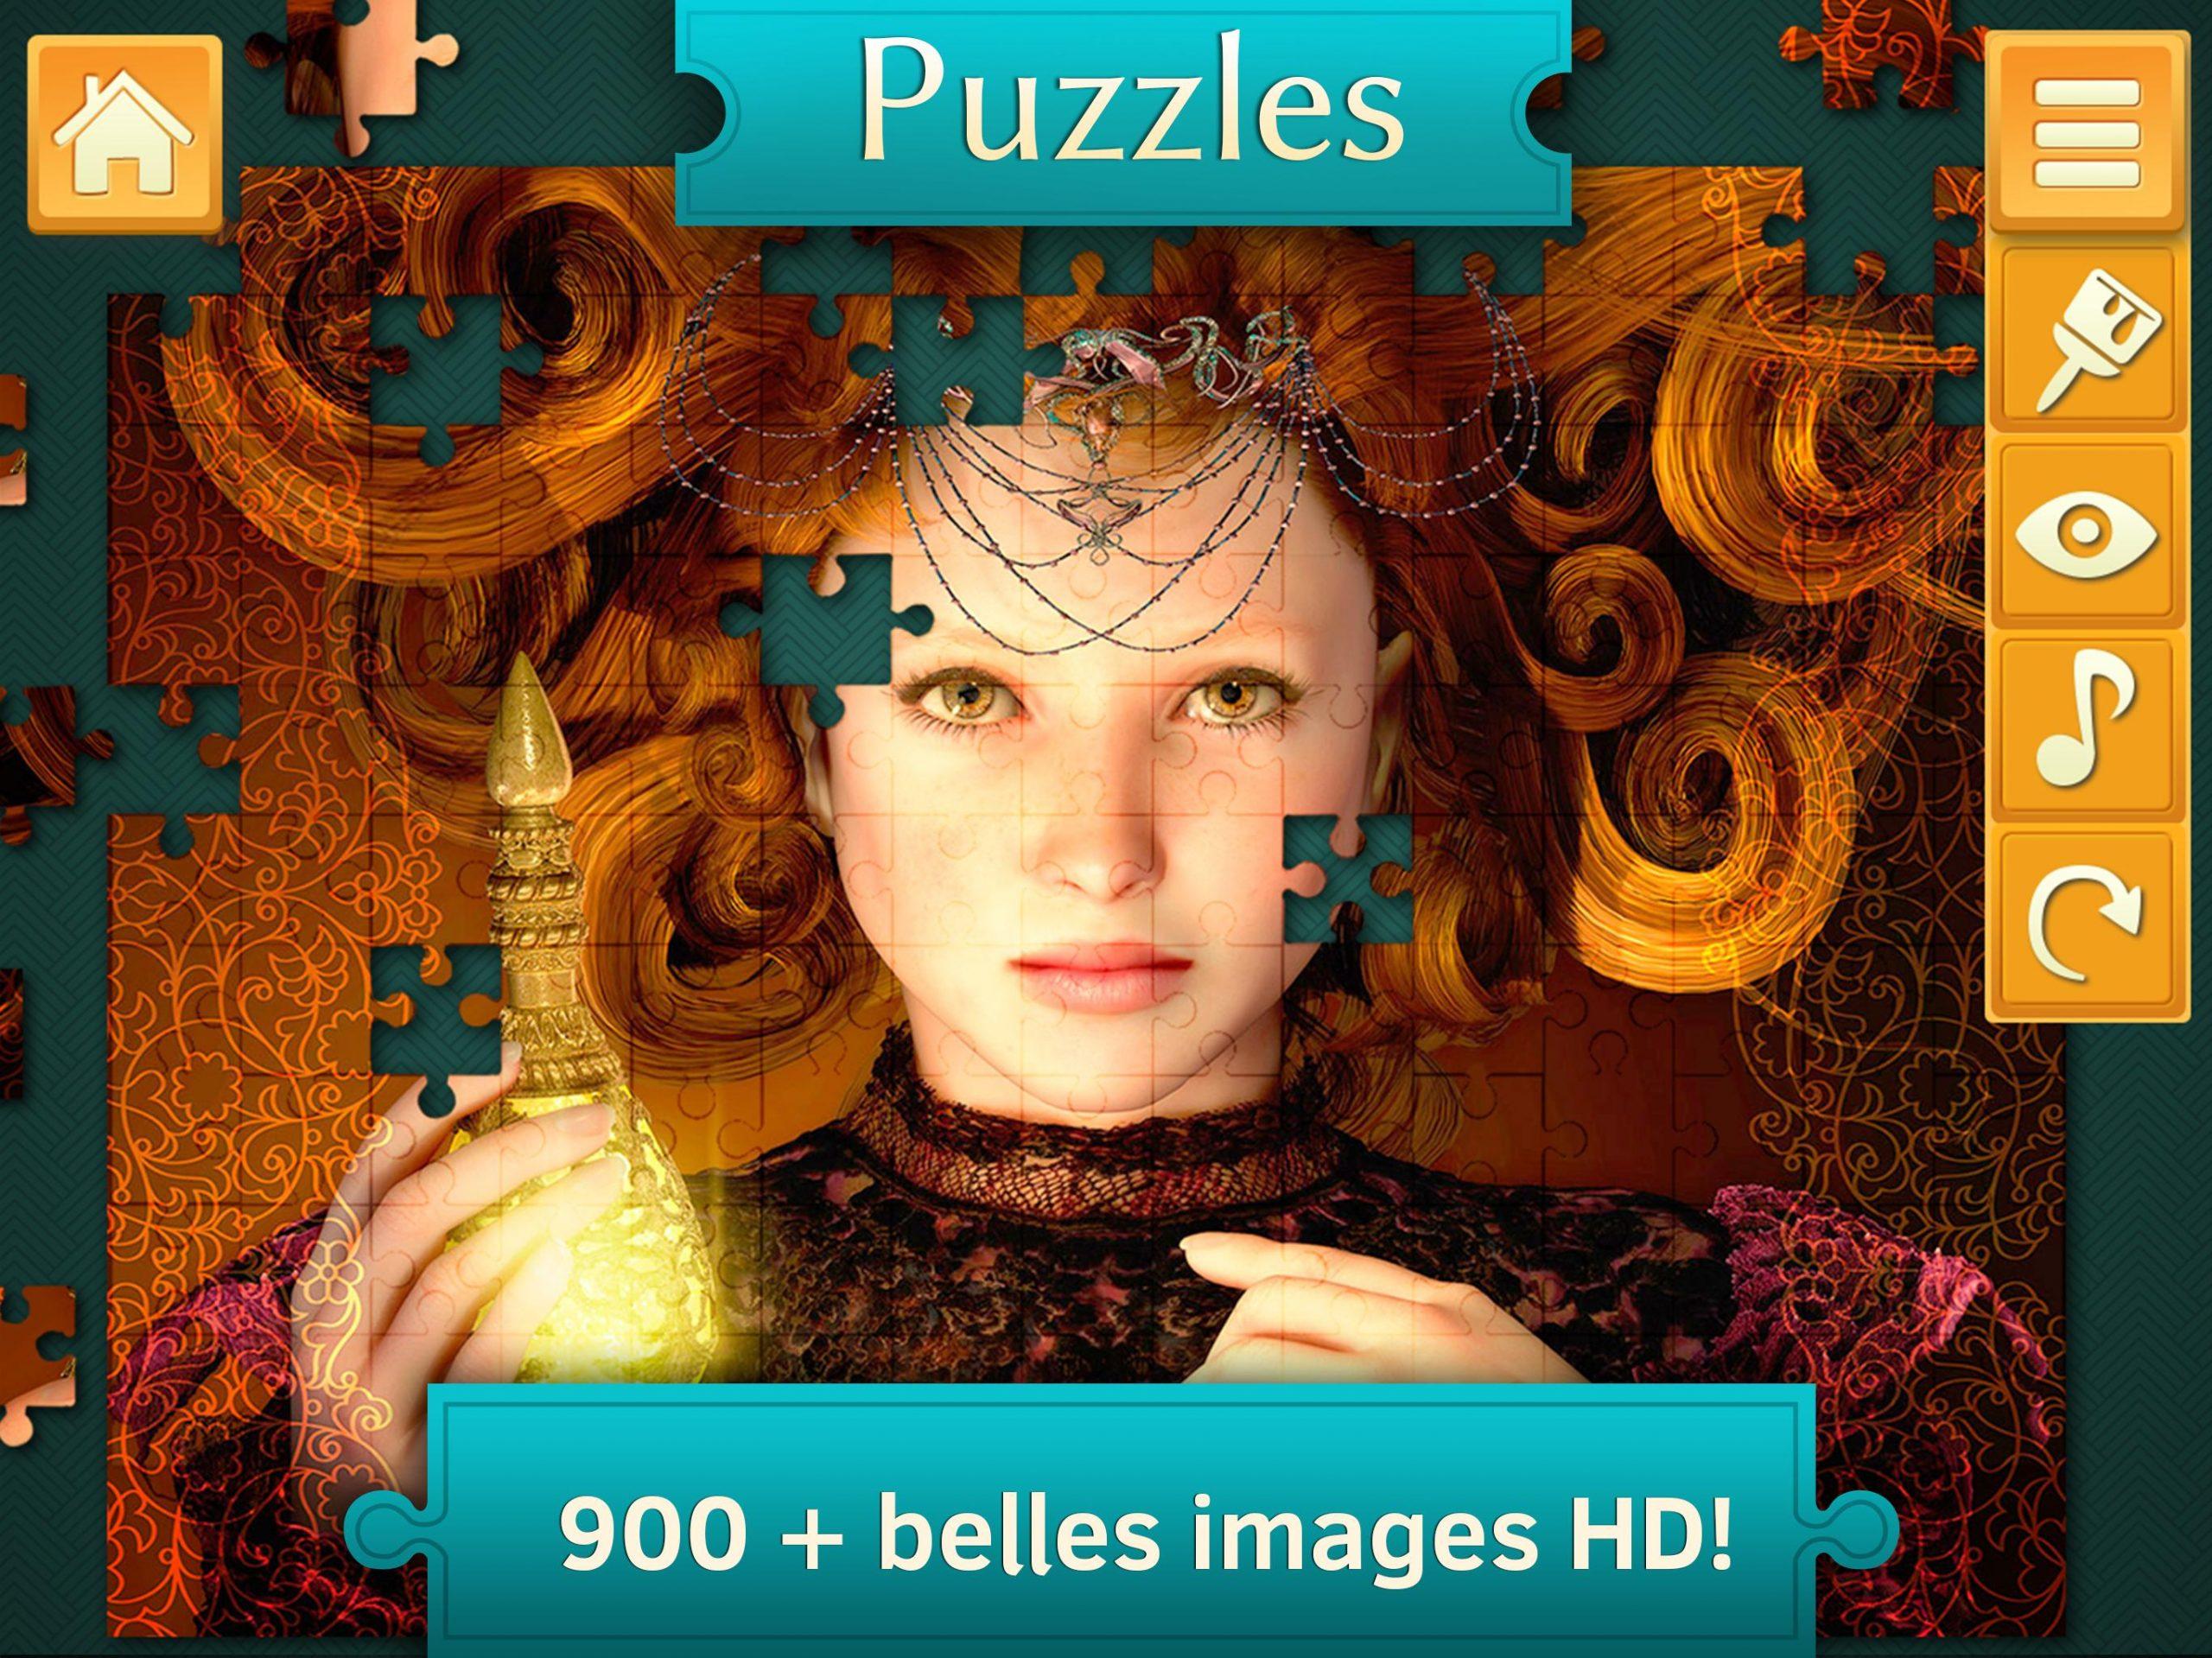 Puzzle Paysages Gratuit Pour Android - Téléchargez L'apk destiné Puzzle Photo Gratuit